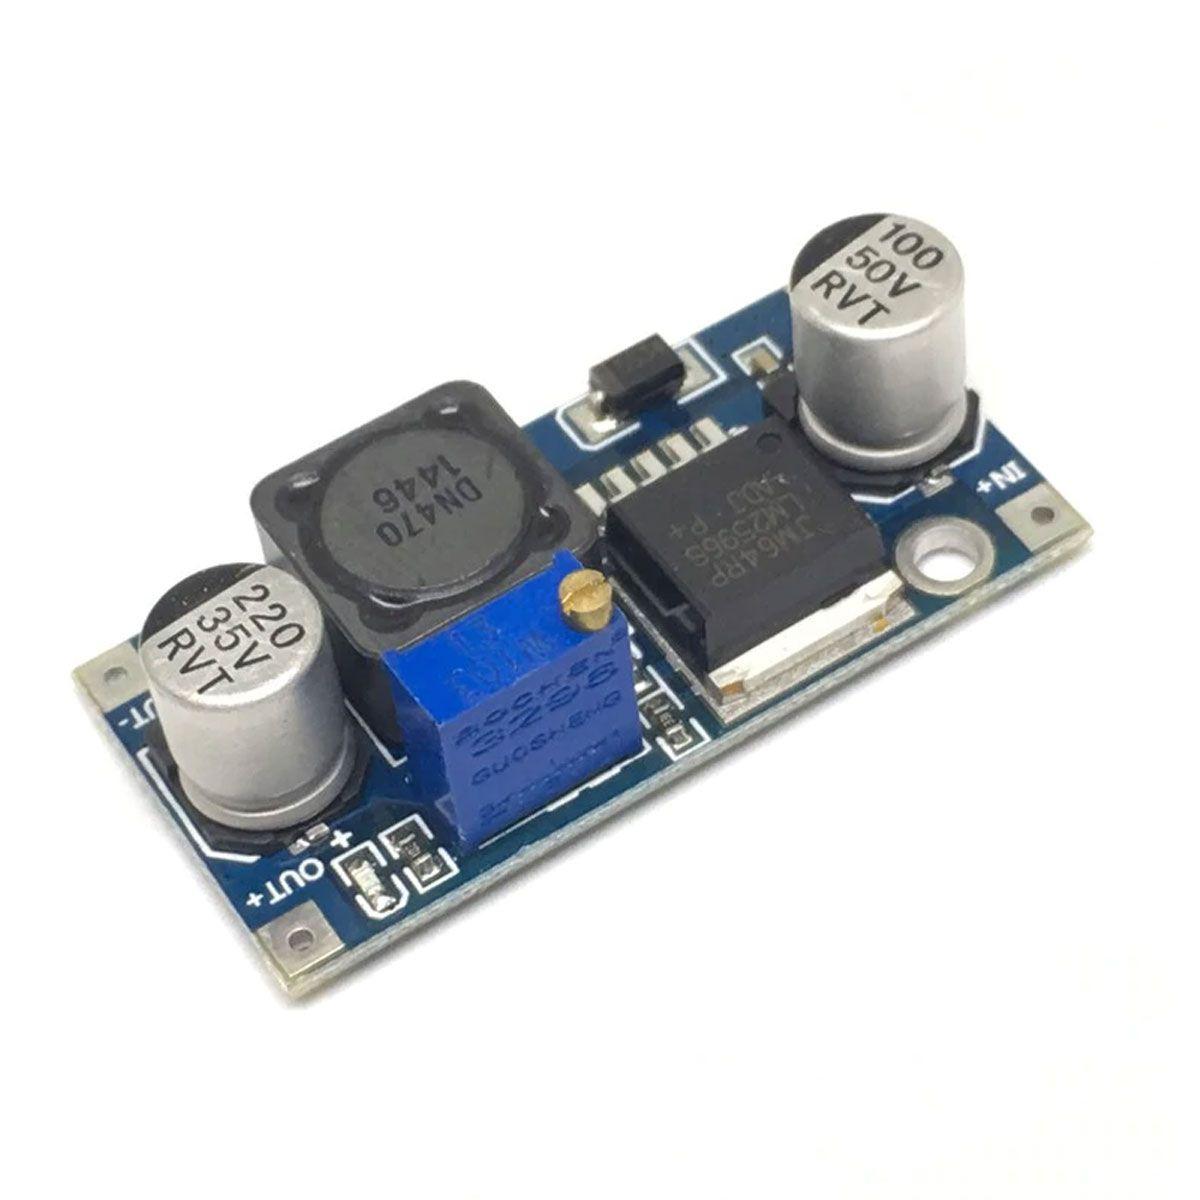 2x Regulador de Tensão Step Down - Buck Conversor DC DC LM2596 3A